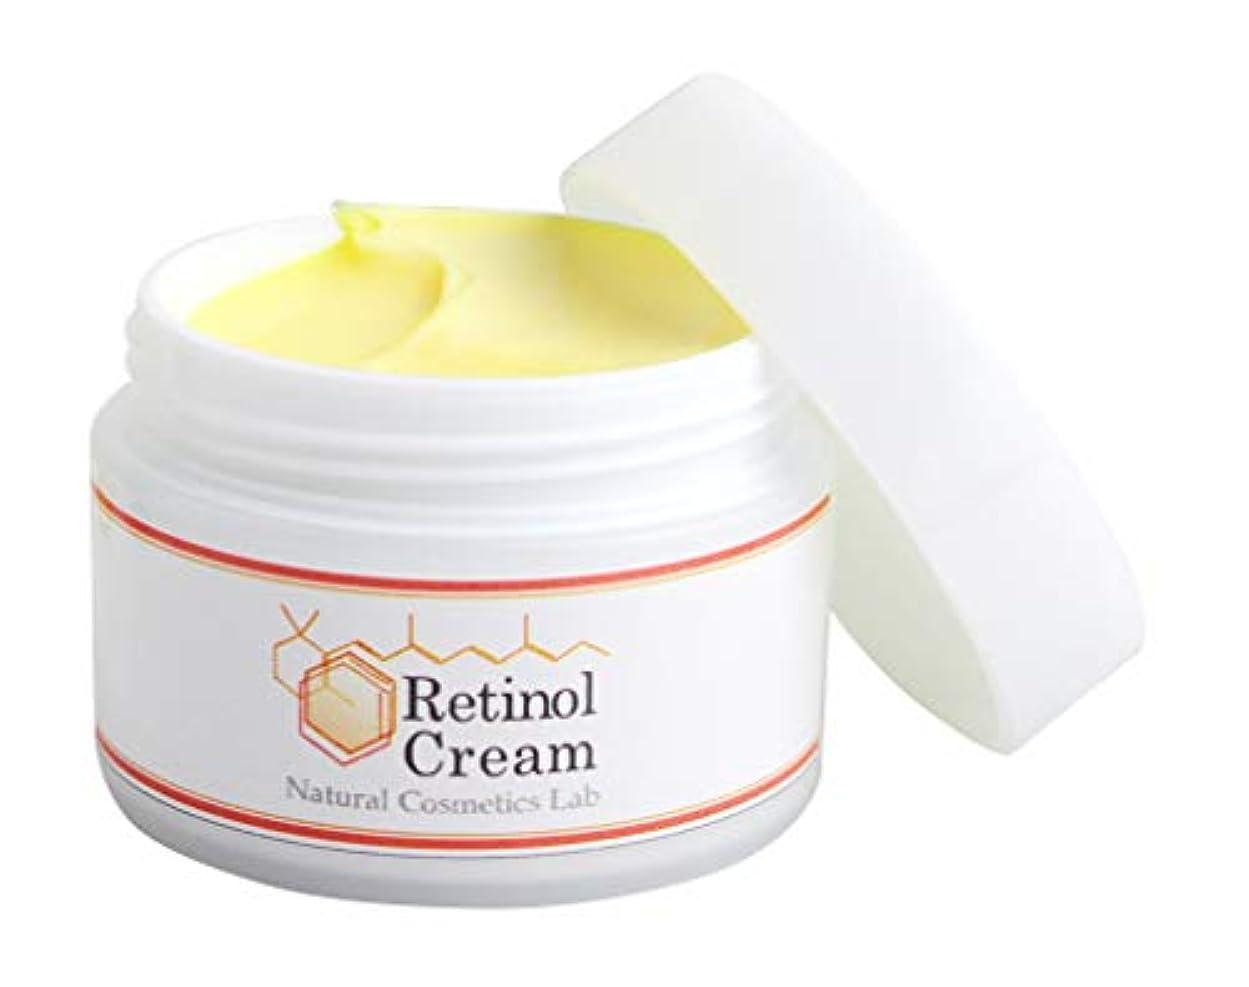 進む方法論反応する自然化粧品研究所 レチノールクリーム 35g